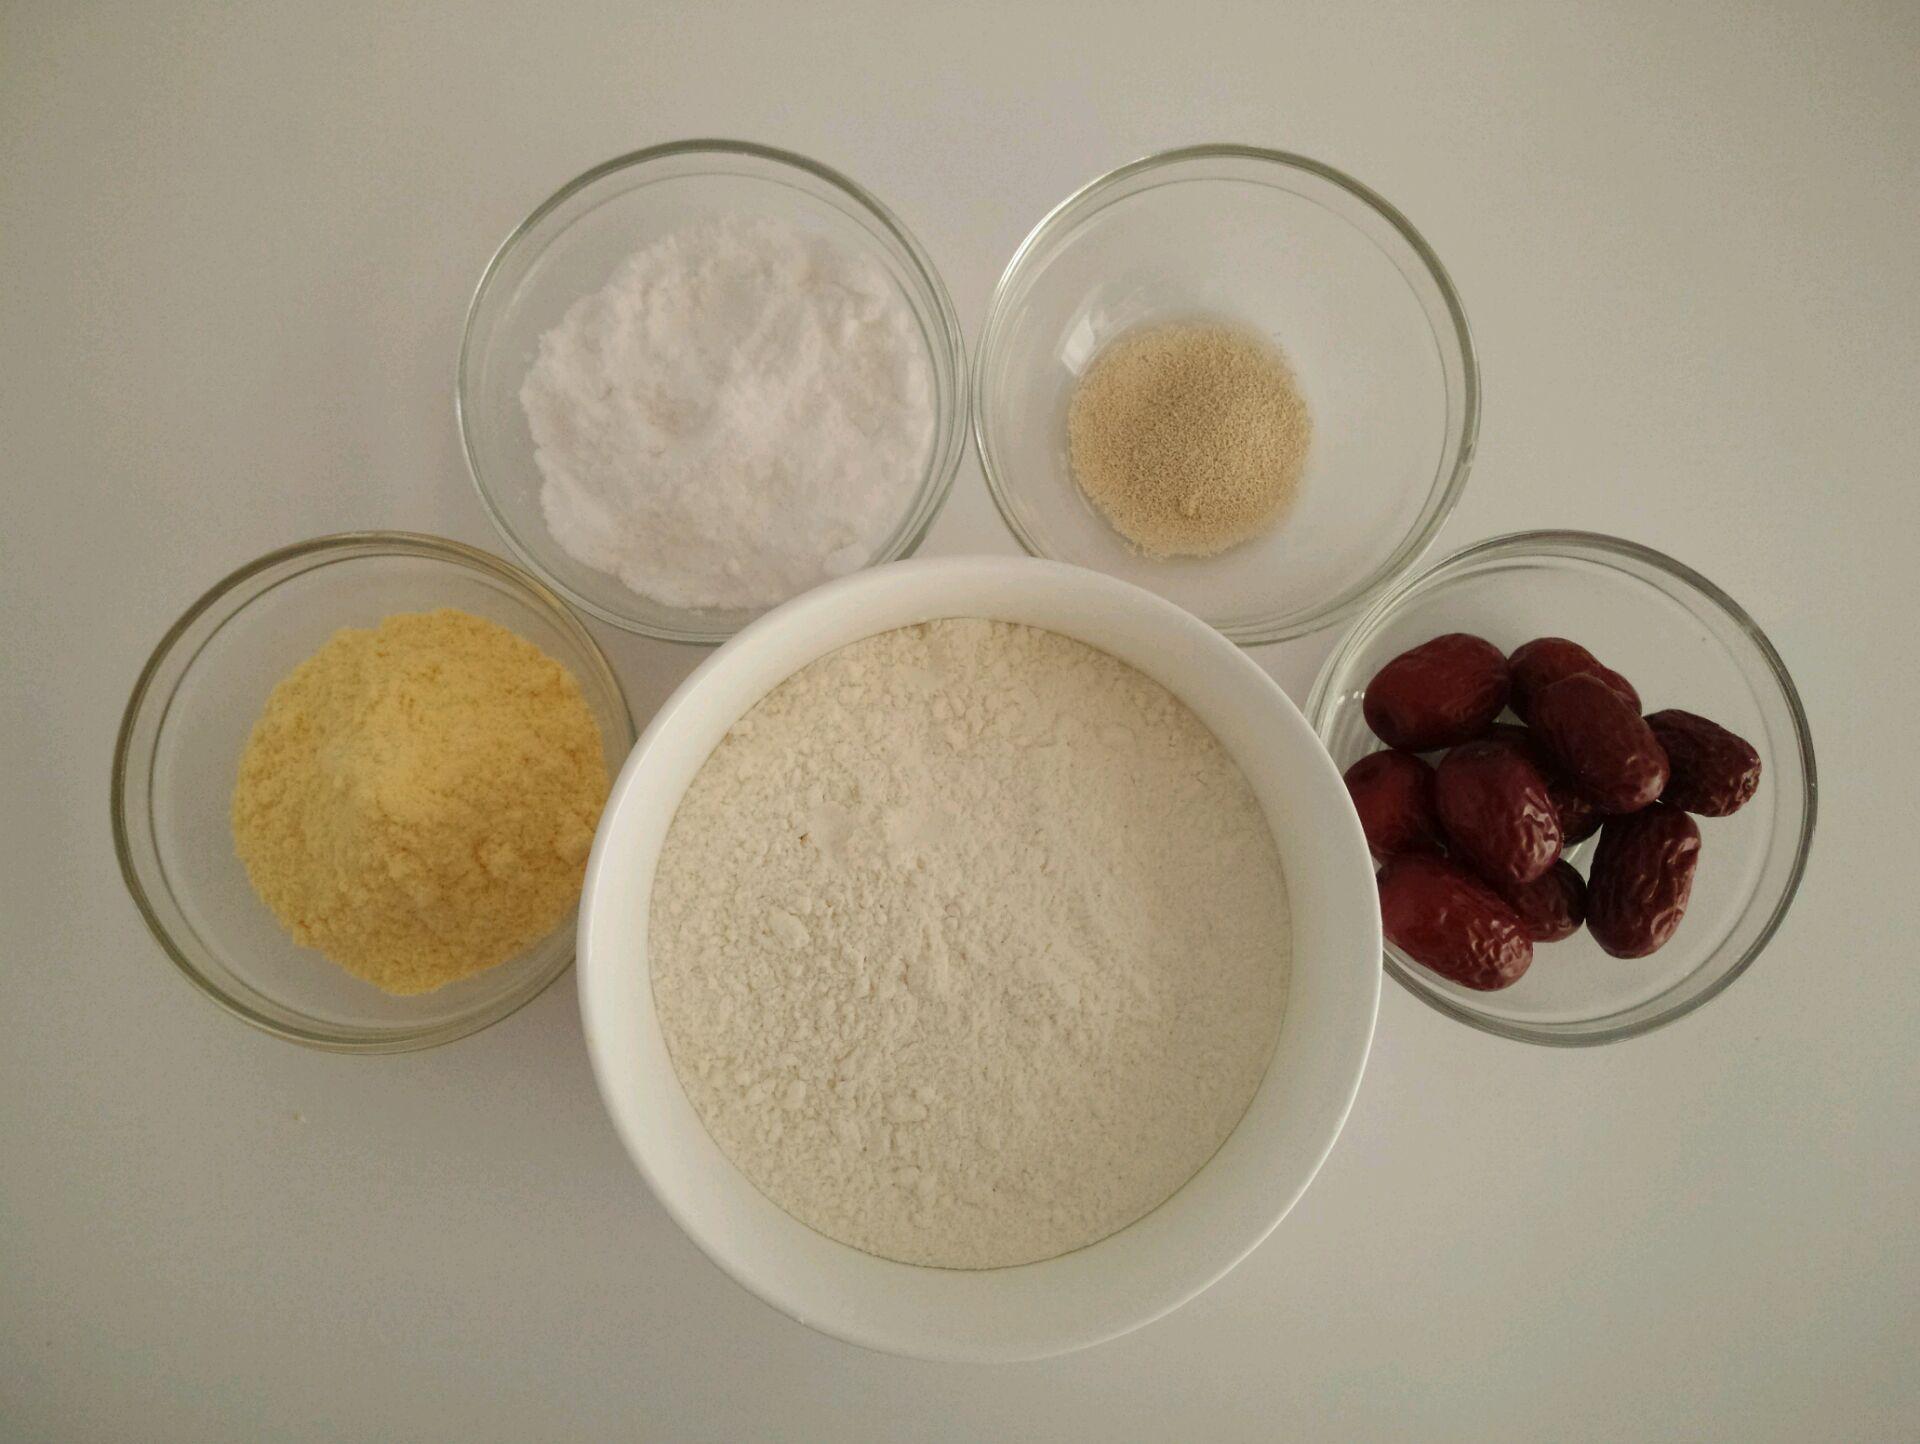 红枣玉米发糕的做法步骤